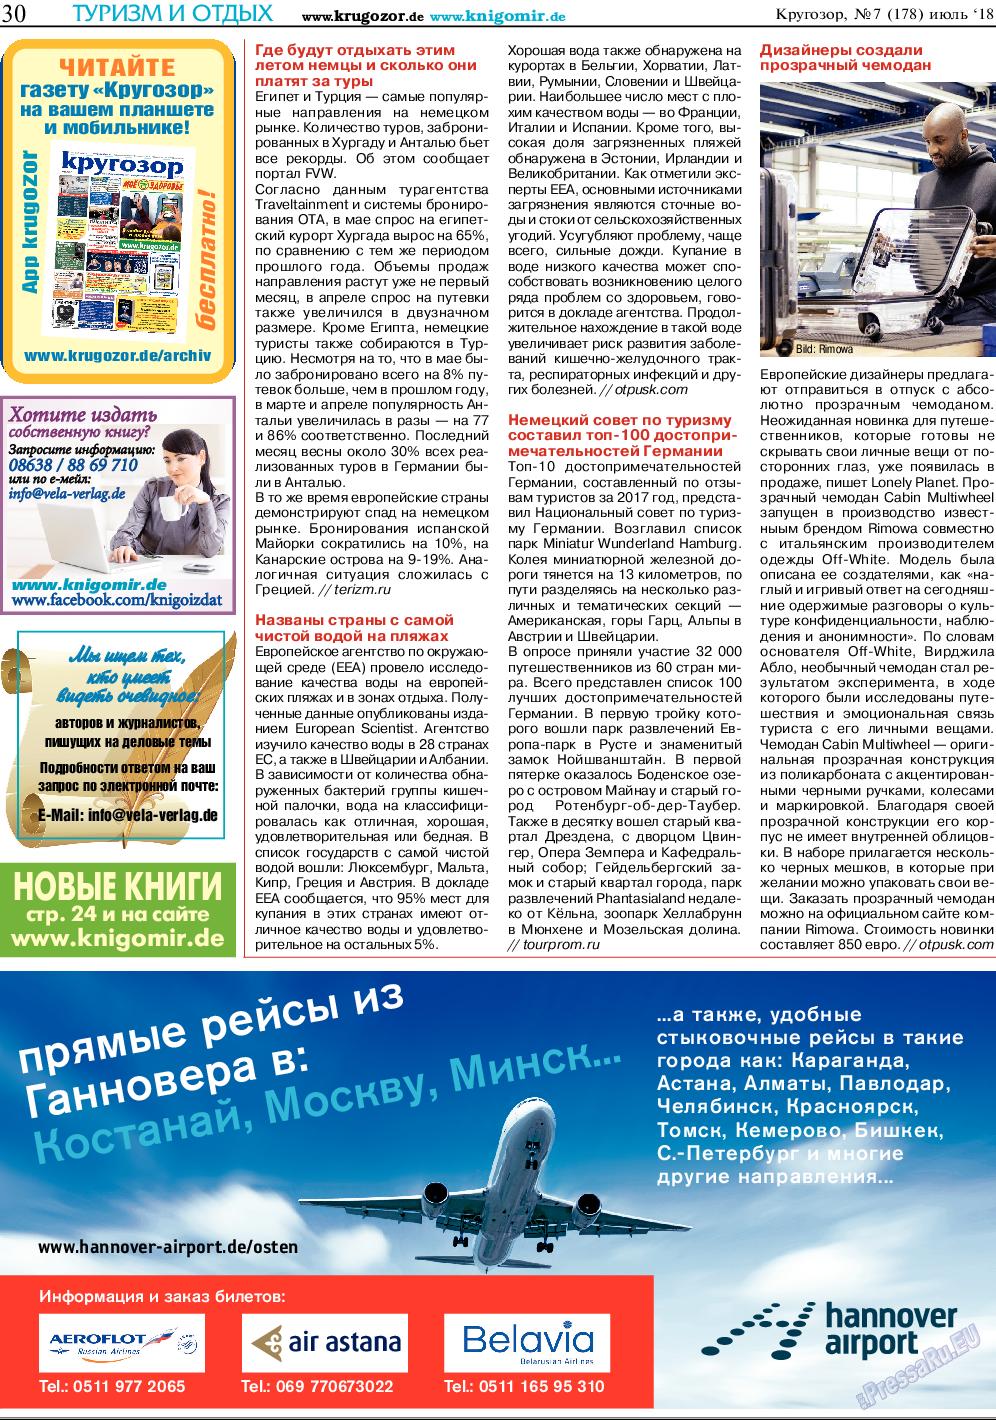 Кругозор (газета). 2018 год, номер 7, стр. 30